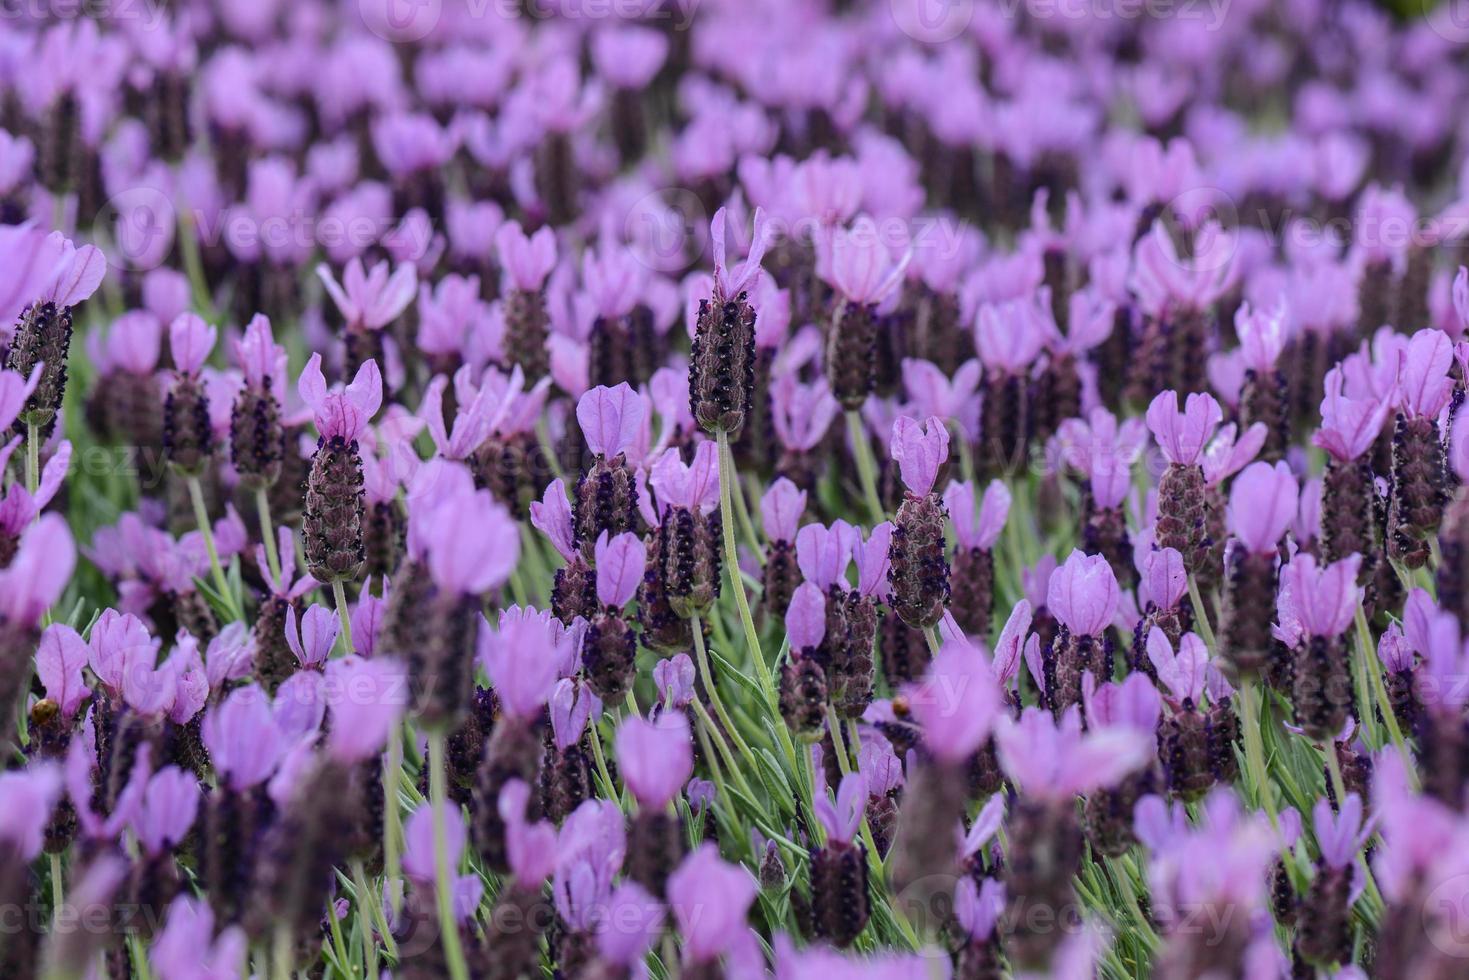 fondo de flor de lavanda española púrpura foto